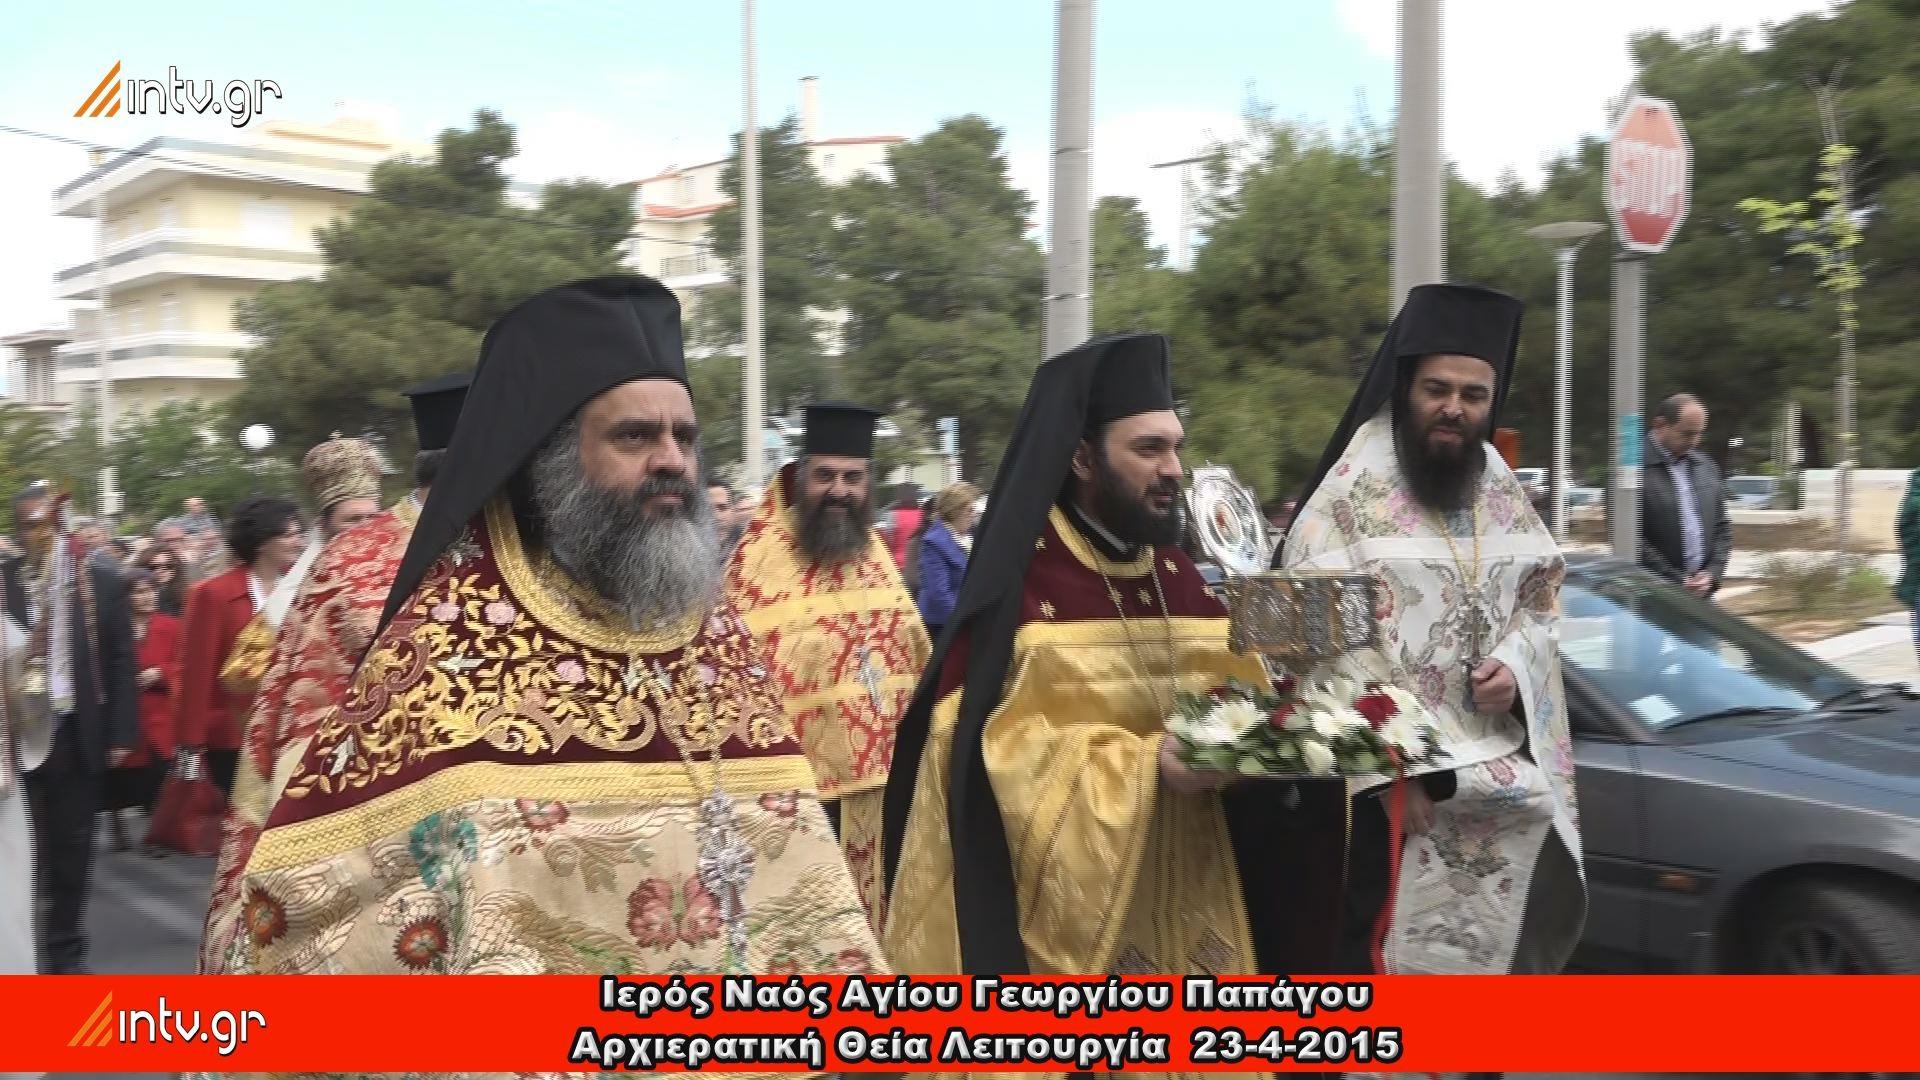 Ιερός Ναός Αγίου Γεωργίου Παπάγου - Αρχιερατική Θεία Λειτουργία, κατά την οποία ιερούργησε και ομίλησε ο Θεοφιλέστατος Επίσκοπος Σαλώνων κ.κ. Αντώνιος.